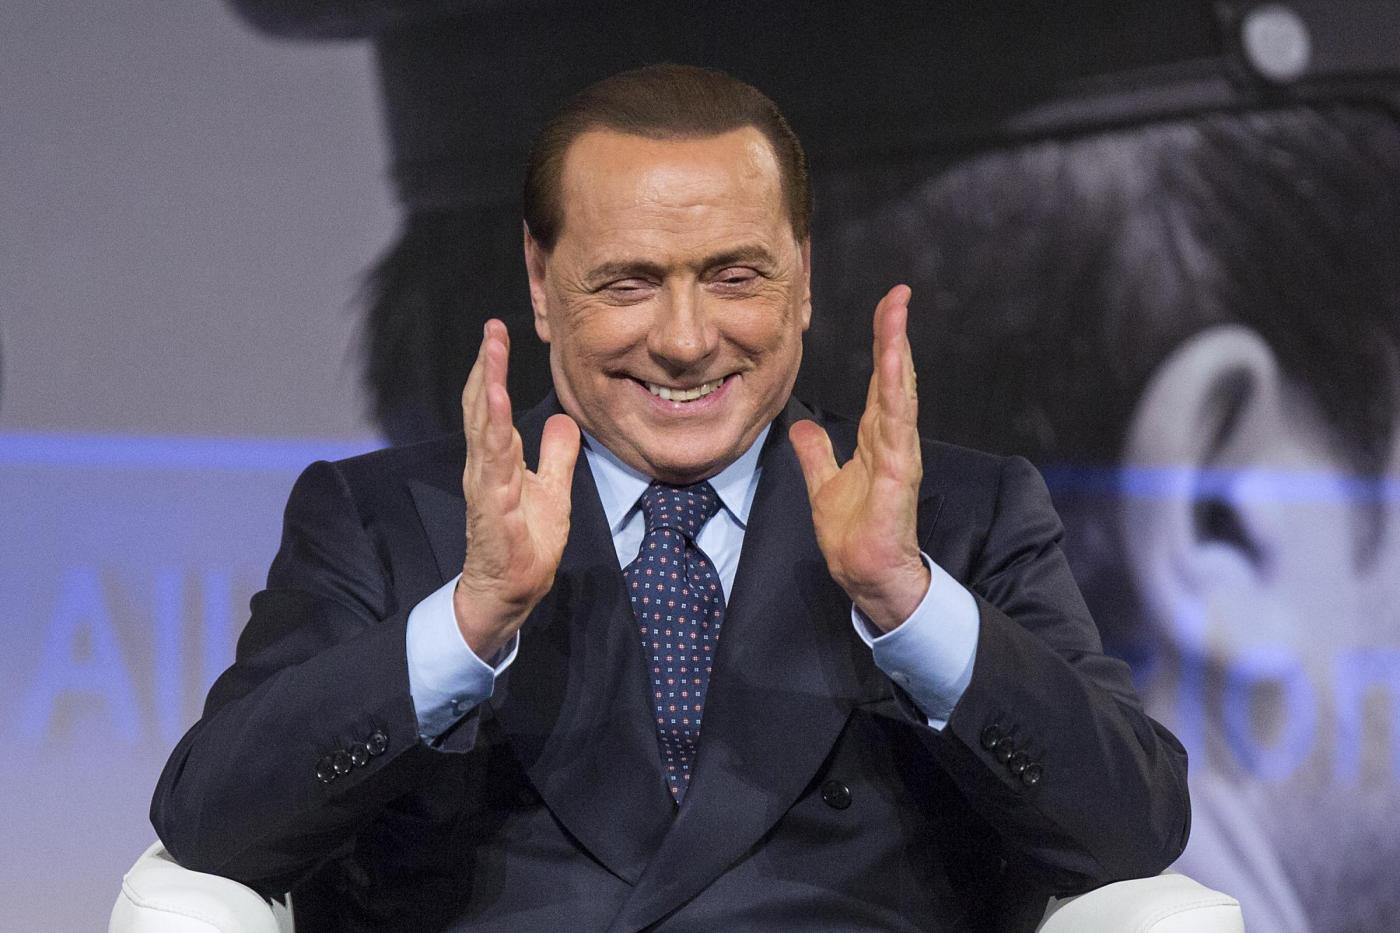 Silvio Berlusconi lancia la sottoscrizione per un'anziana indigente: 'Inizio io con 20.000 euro'